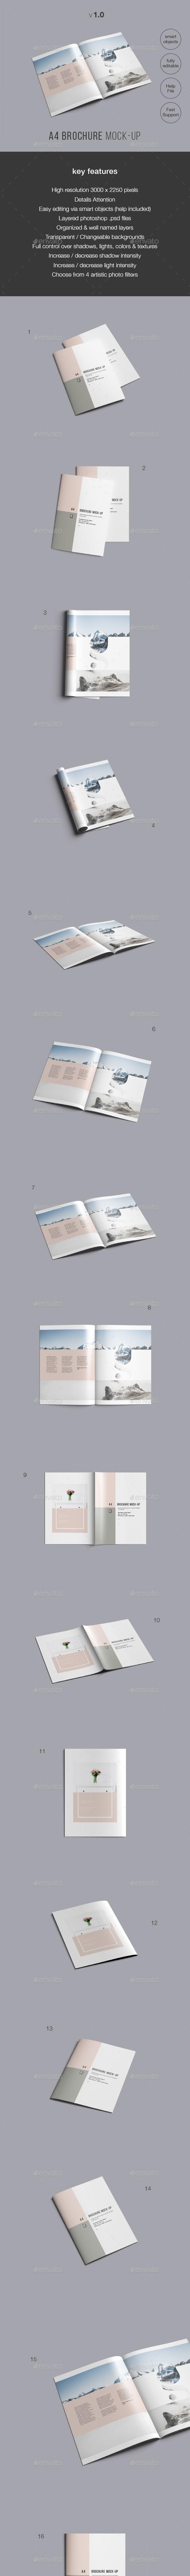 A4 Brochure Mockup - Brochures Print